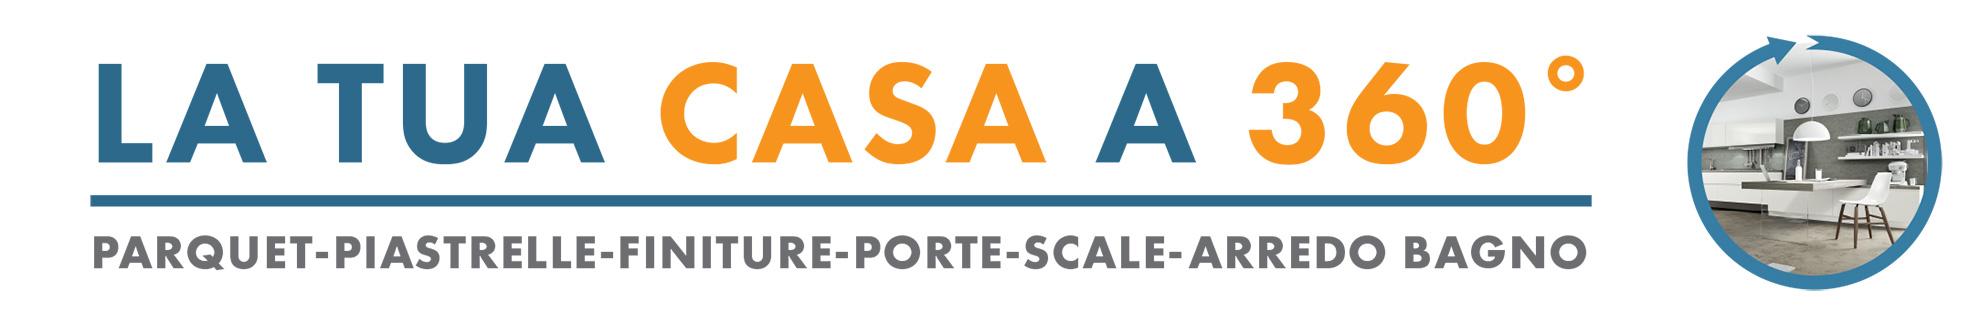 PARQUET-FINITURE-PIASTRELLE-ARREDO-BAGNO-SCALE-CENTRO-ARREDAMENTI-LIGURE